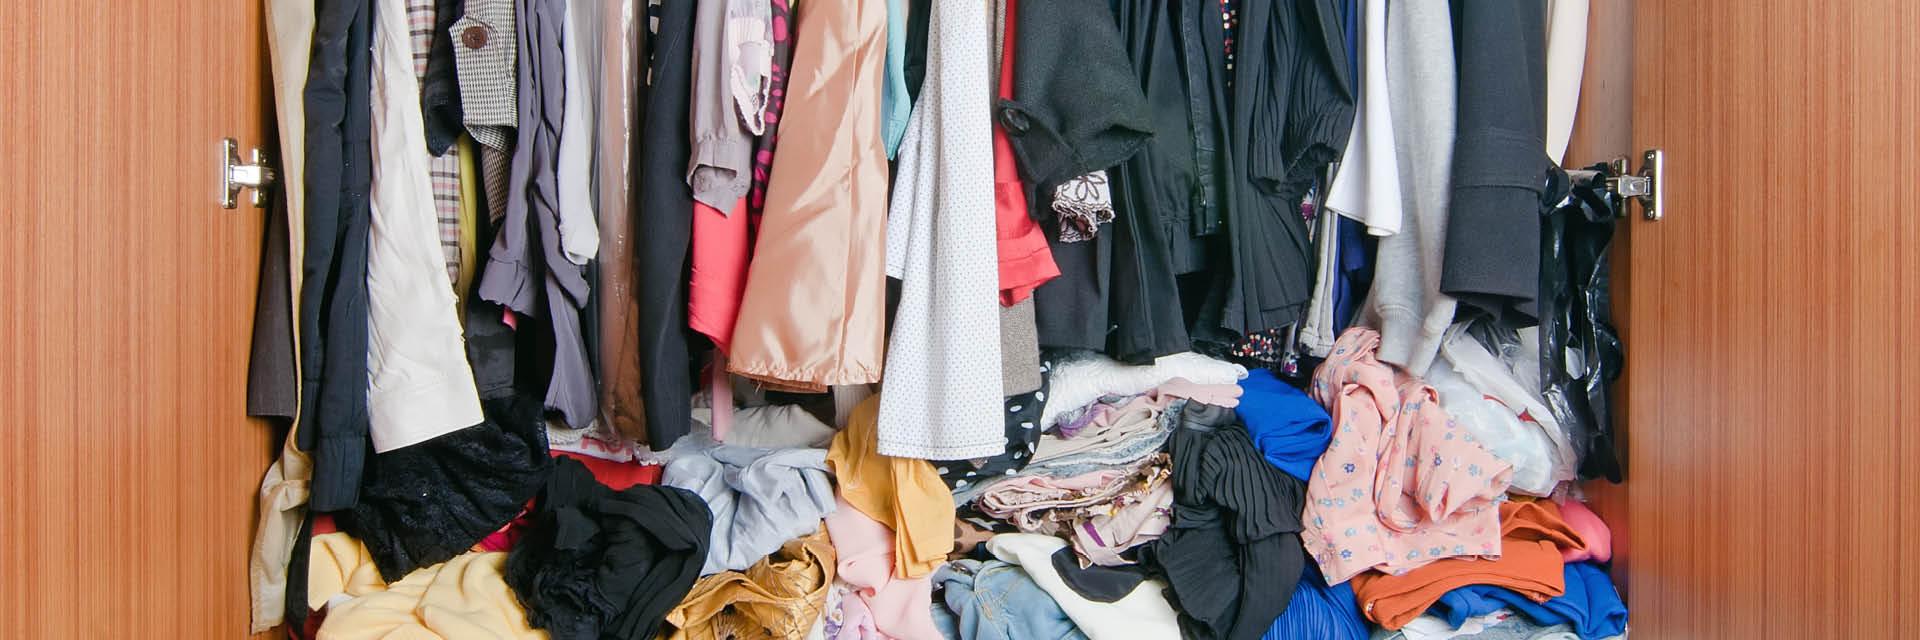 Kleiderschrank, Tipps